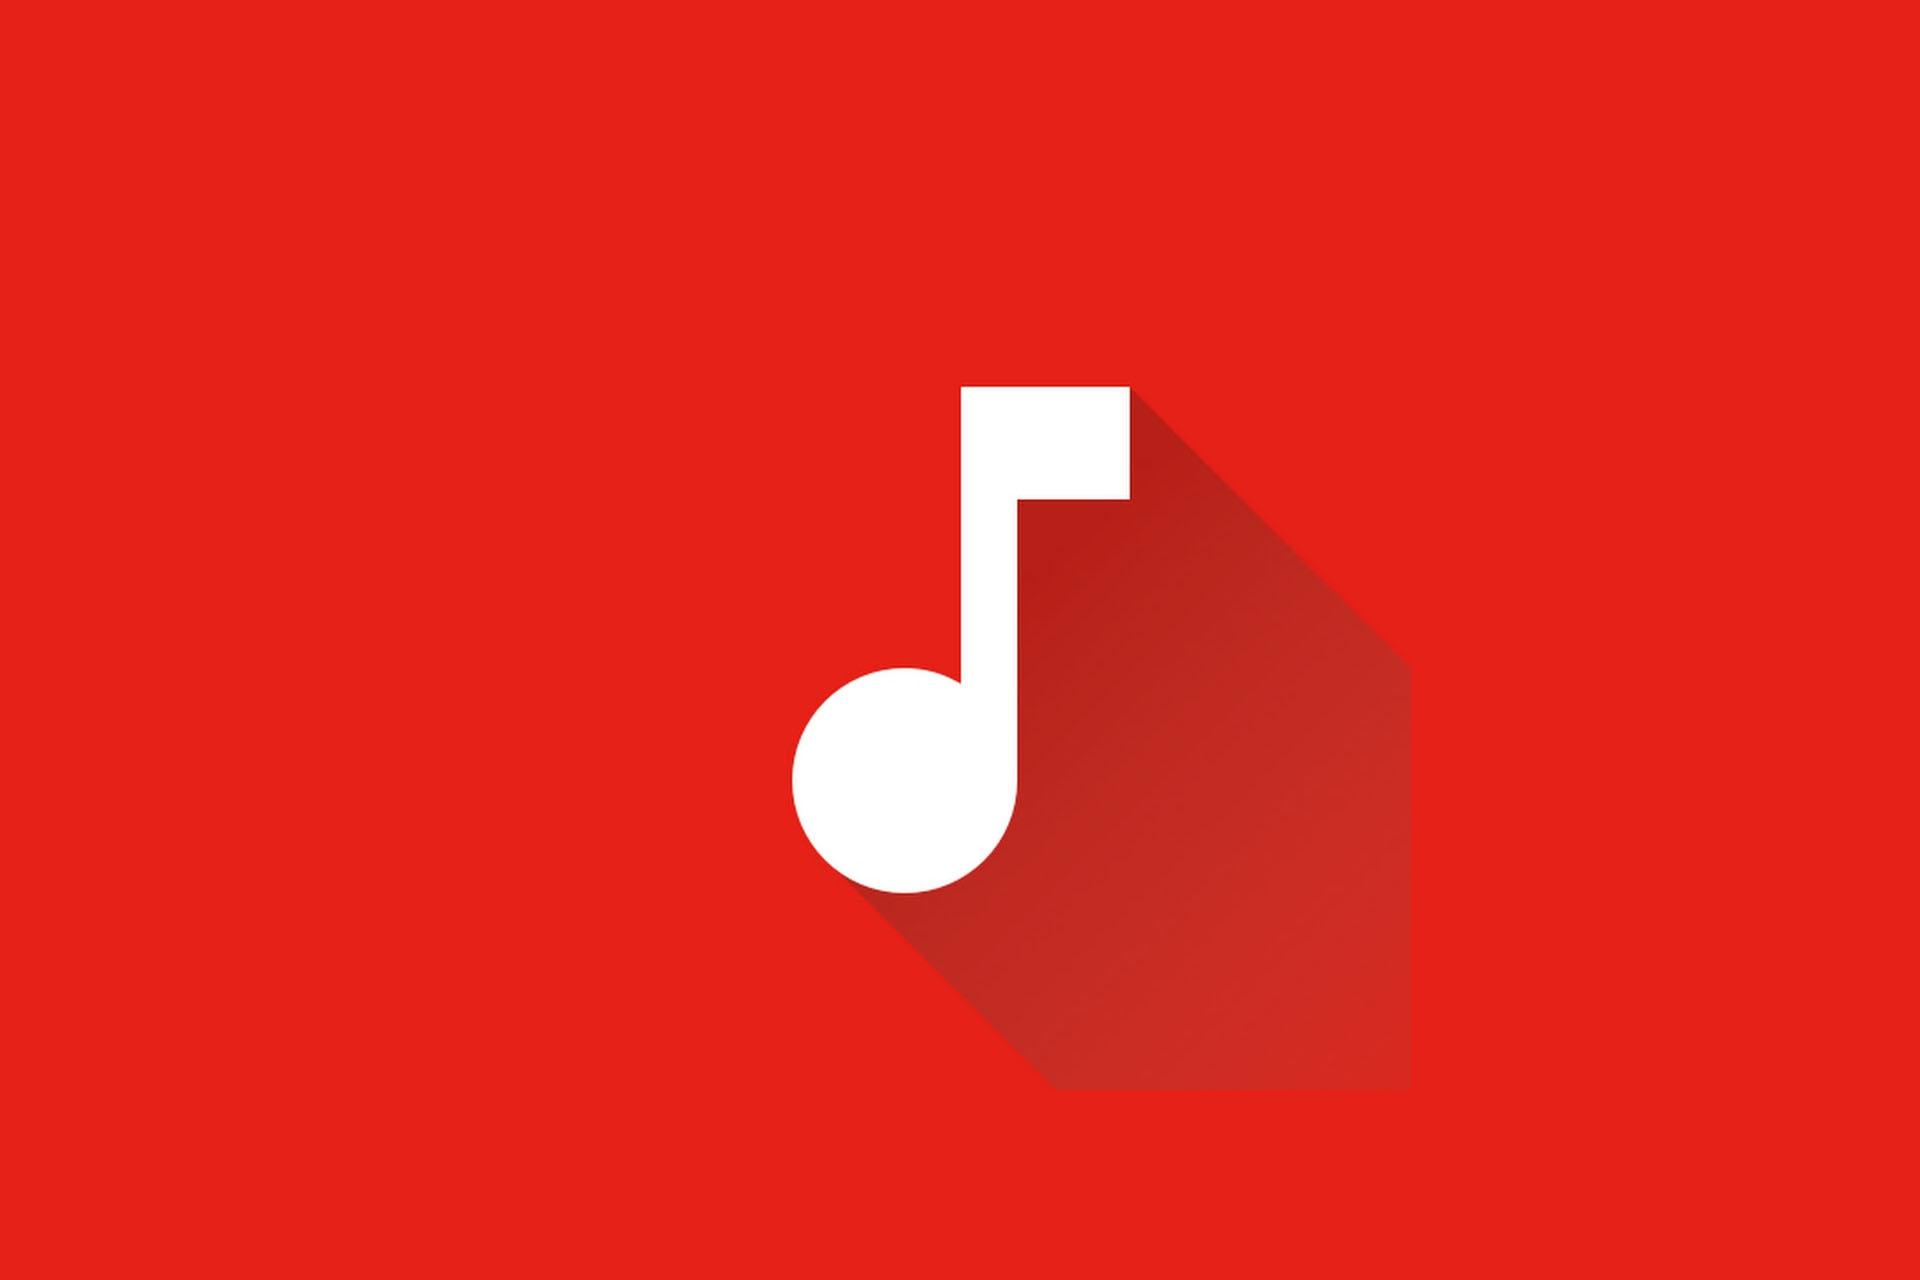 La música cruza fronteras: ¿cómo es el perfil del público de festivales en LATAM?